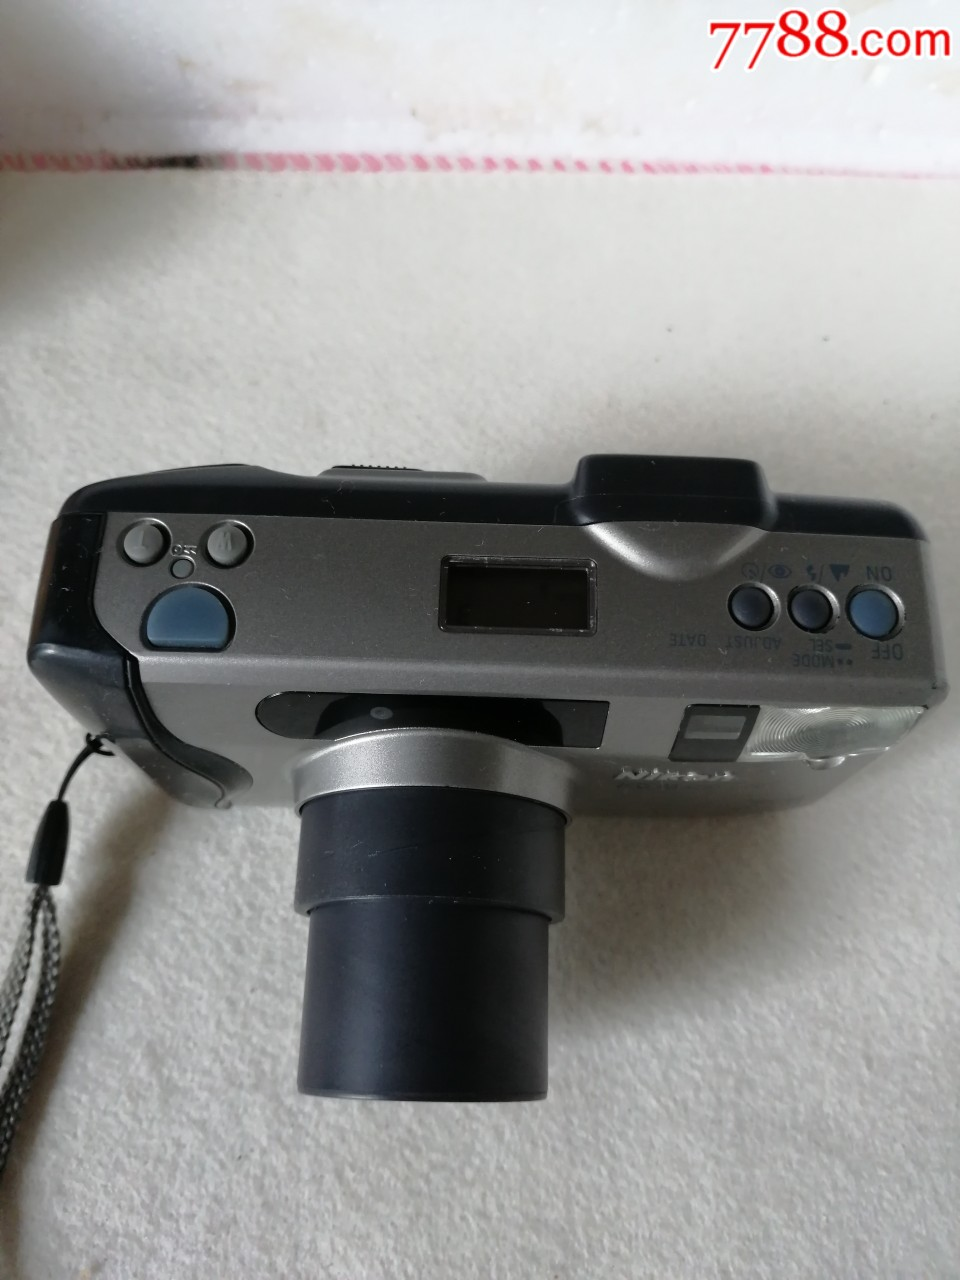 高级变焦尼康相机_价格192元_第4张_